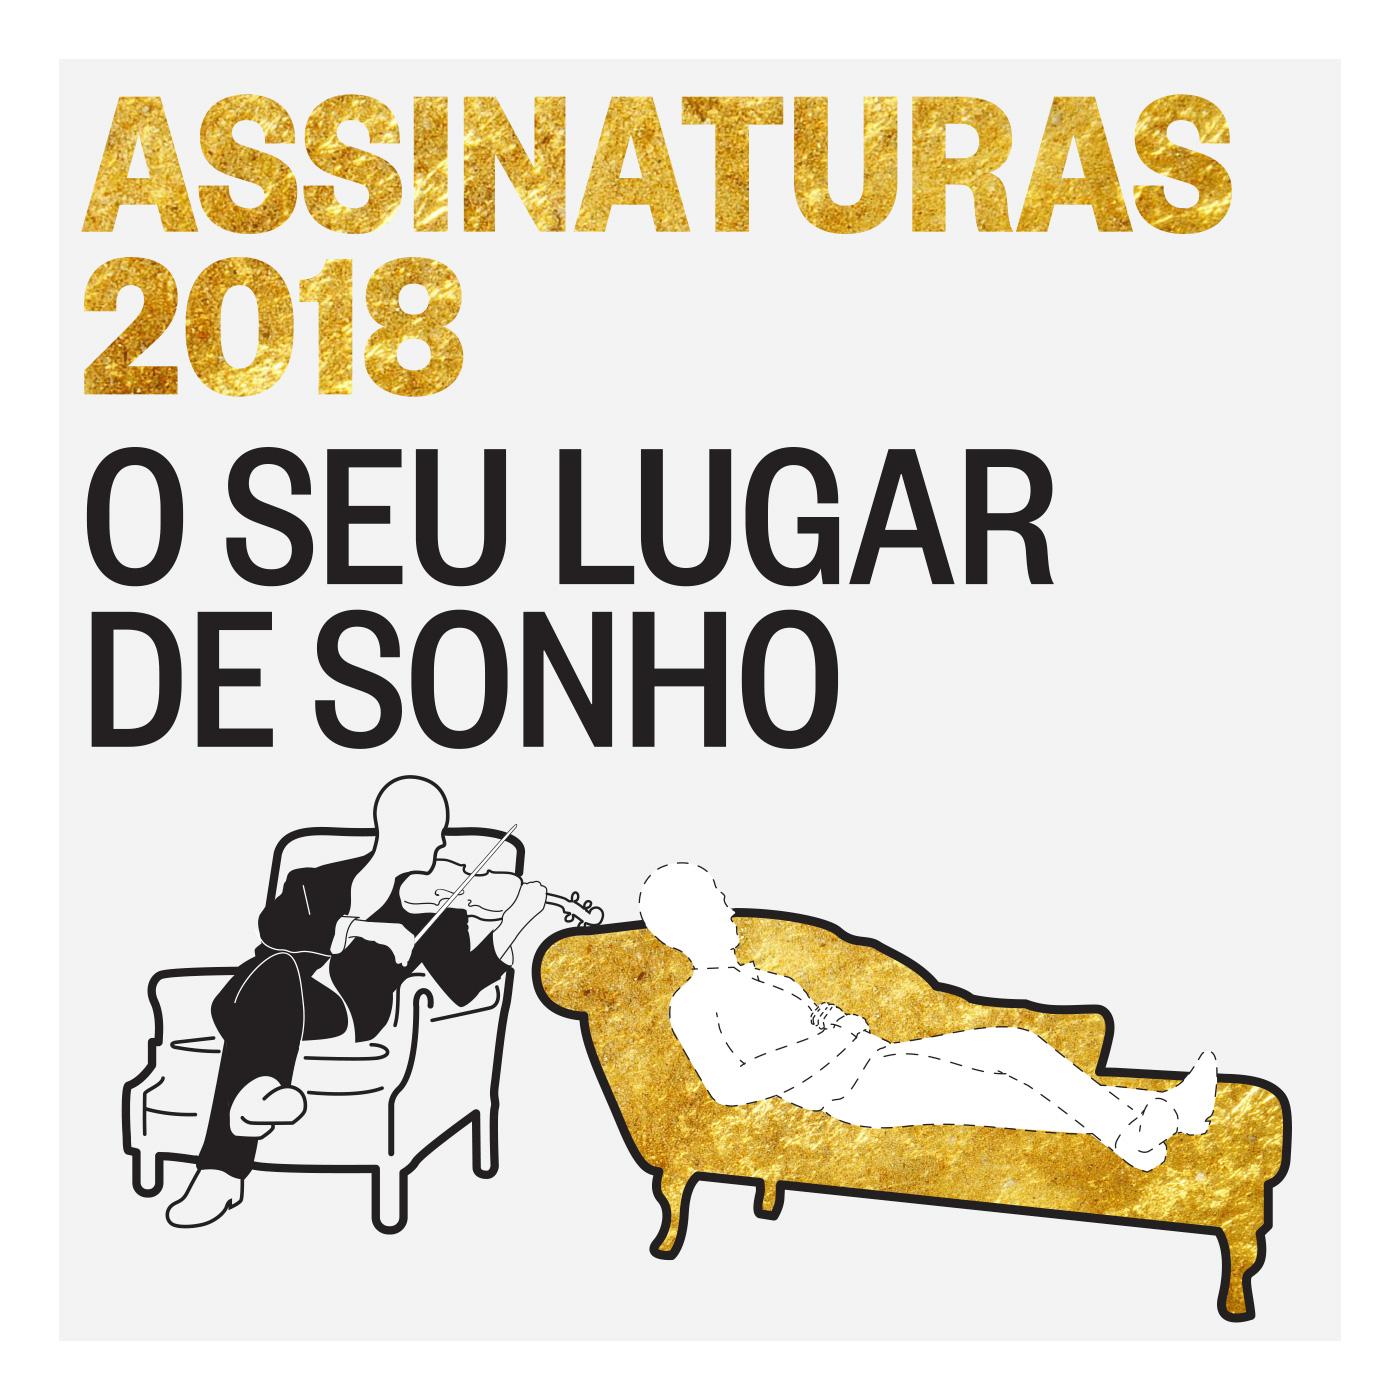 Casa da Música 2018 Image:7.1